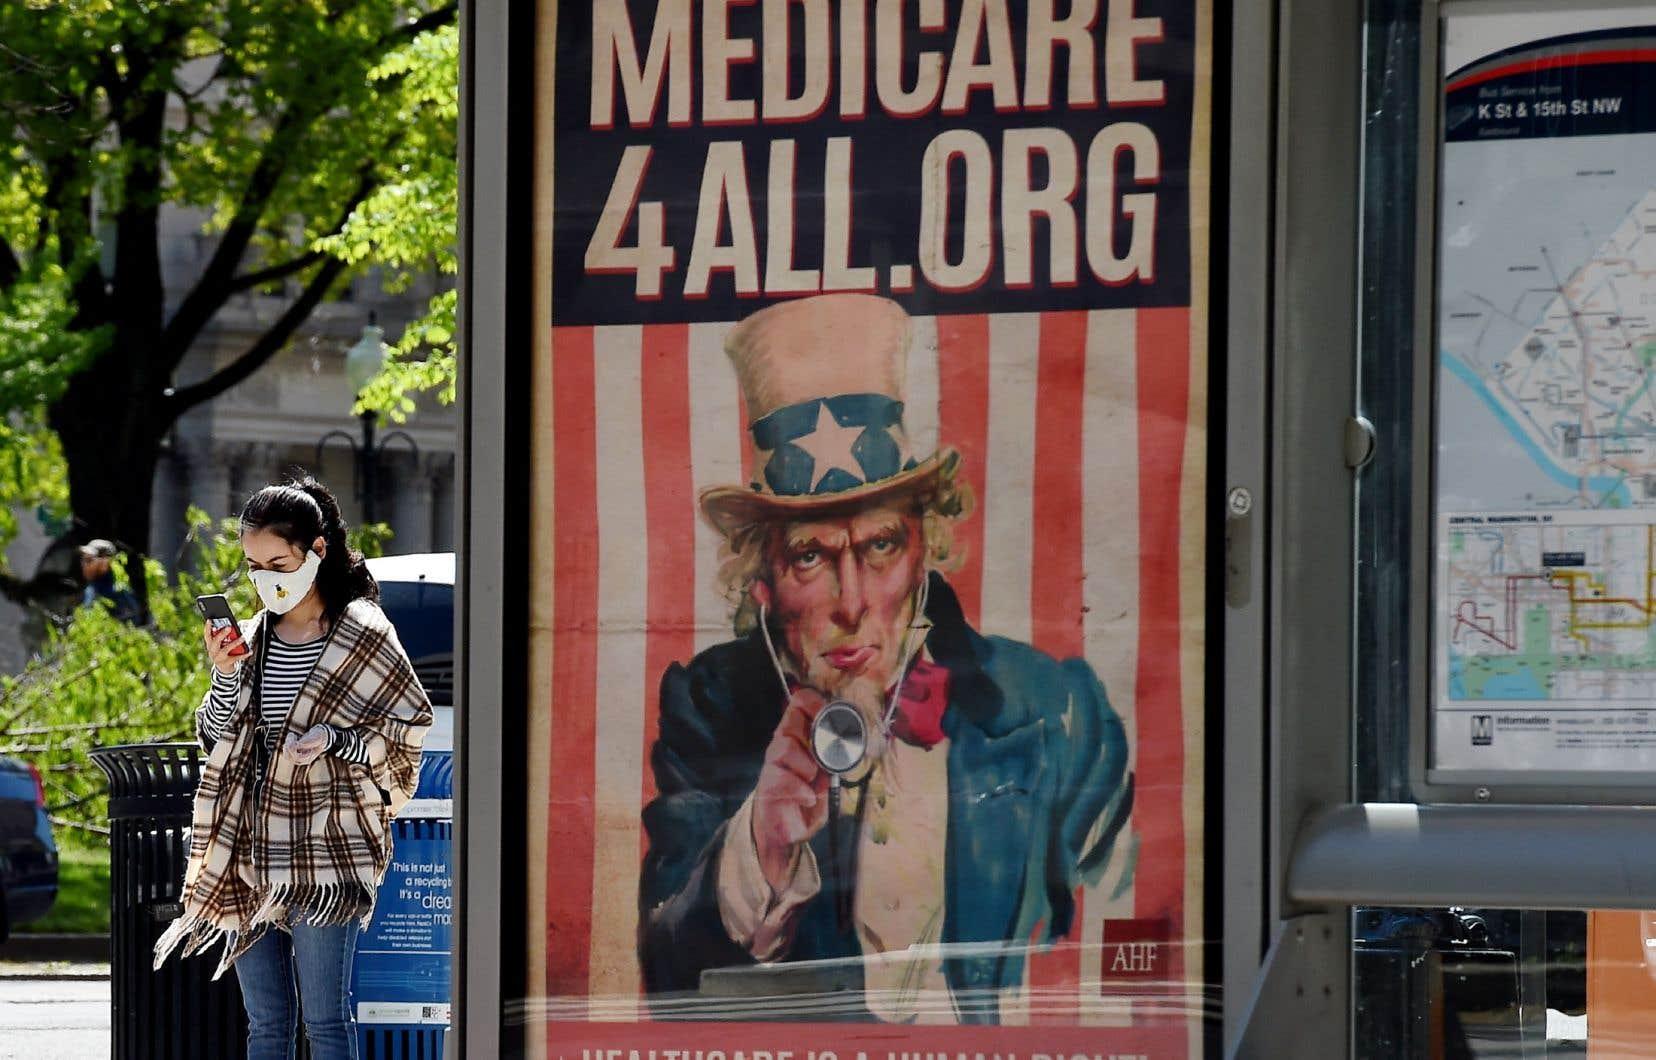 Les dépenses gouvernementales sont en hausse de 29%, l'essentiel étant absorbé par le programme Medicare et par les dépenses en santé et sécurité sociale.